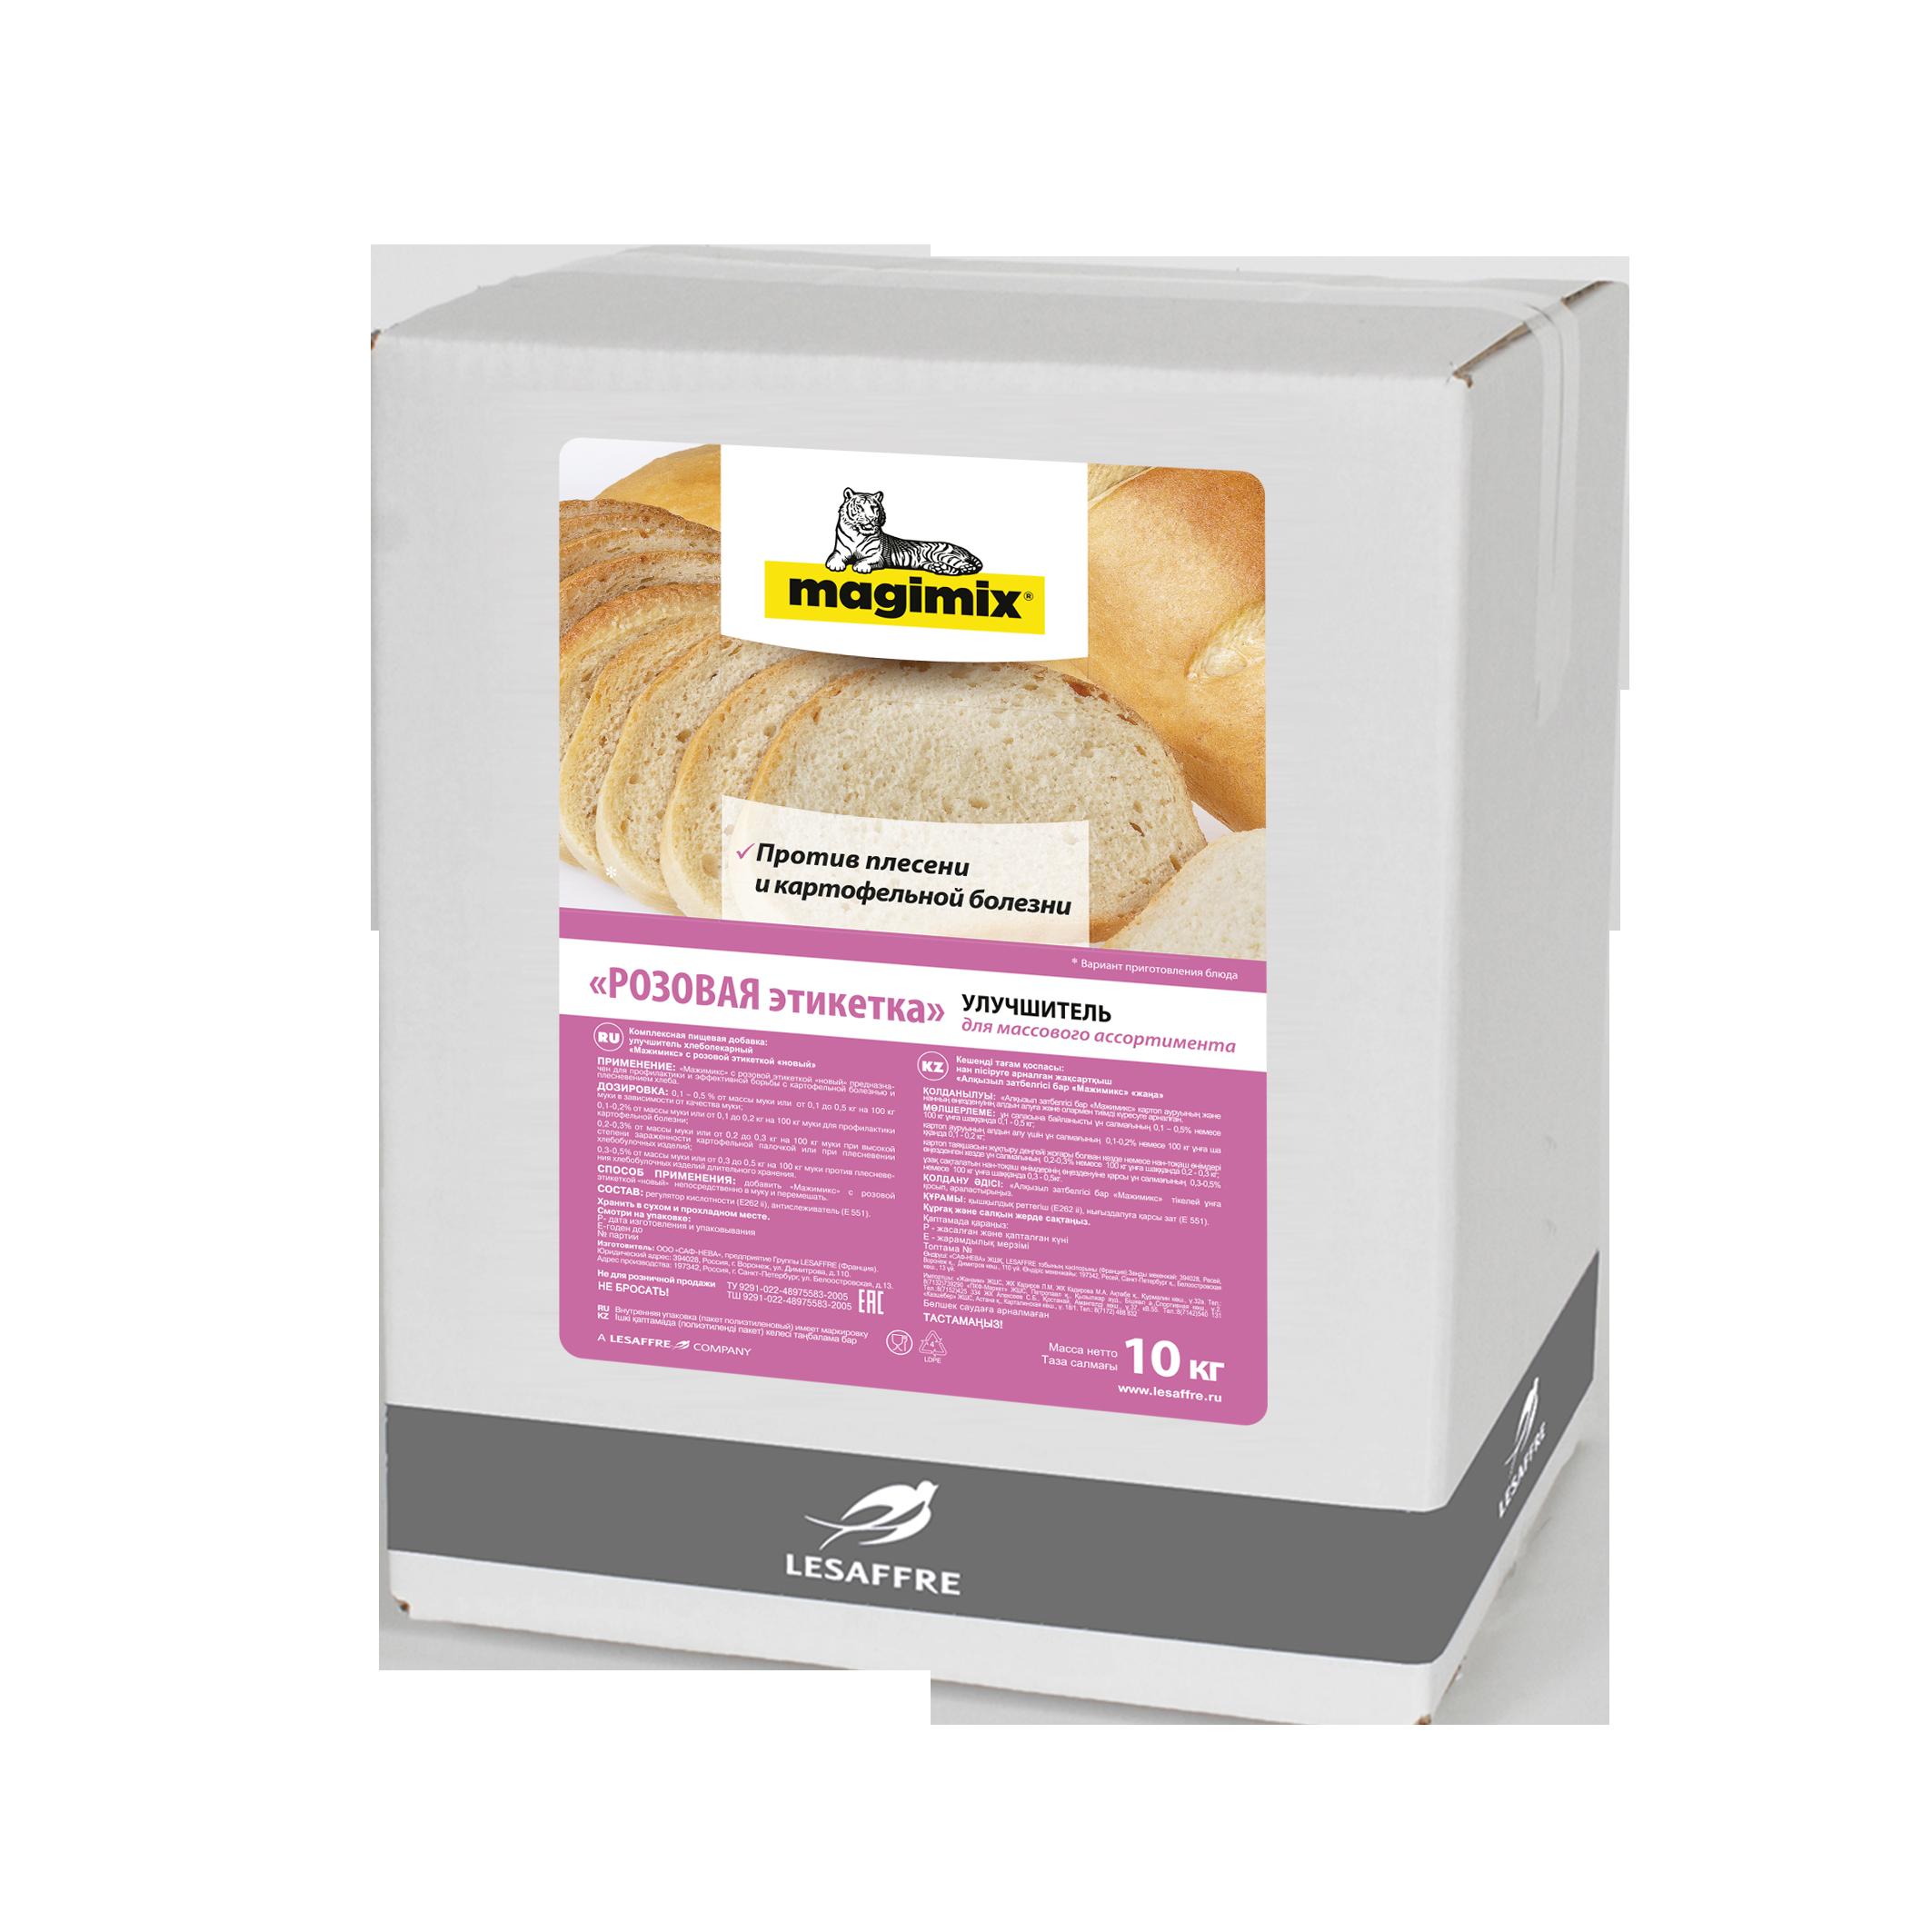 Magimix с розовой этикеткой «Против плесени и картофельной болезни»